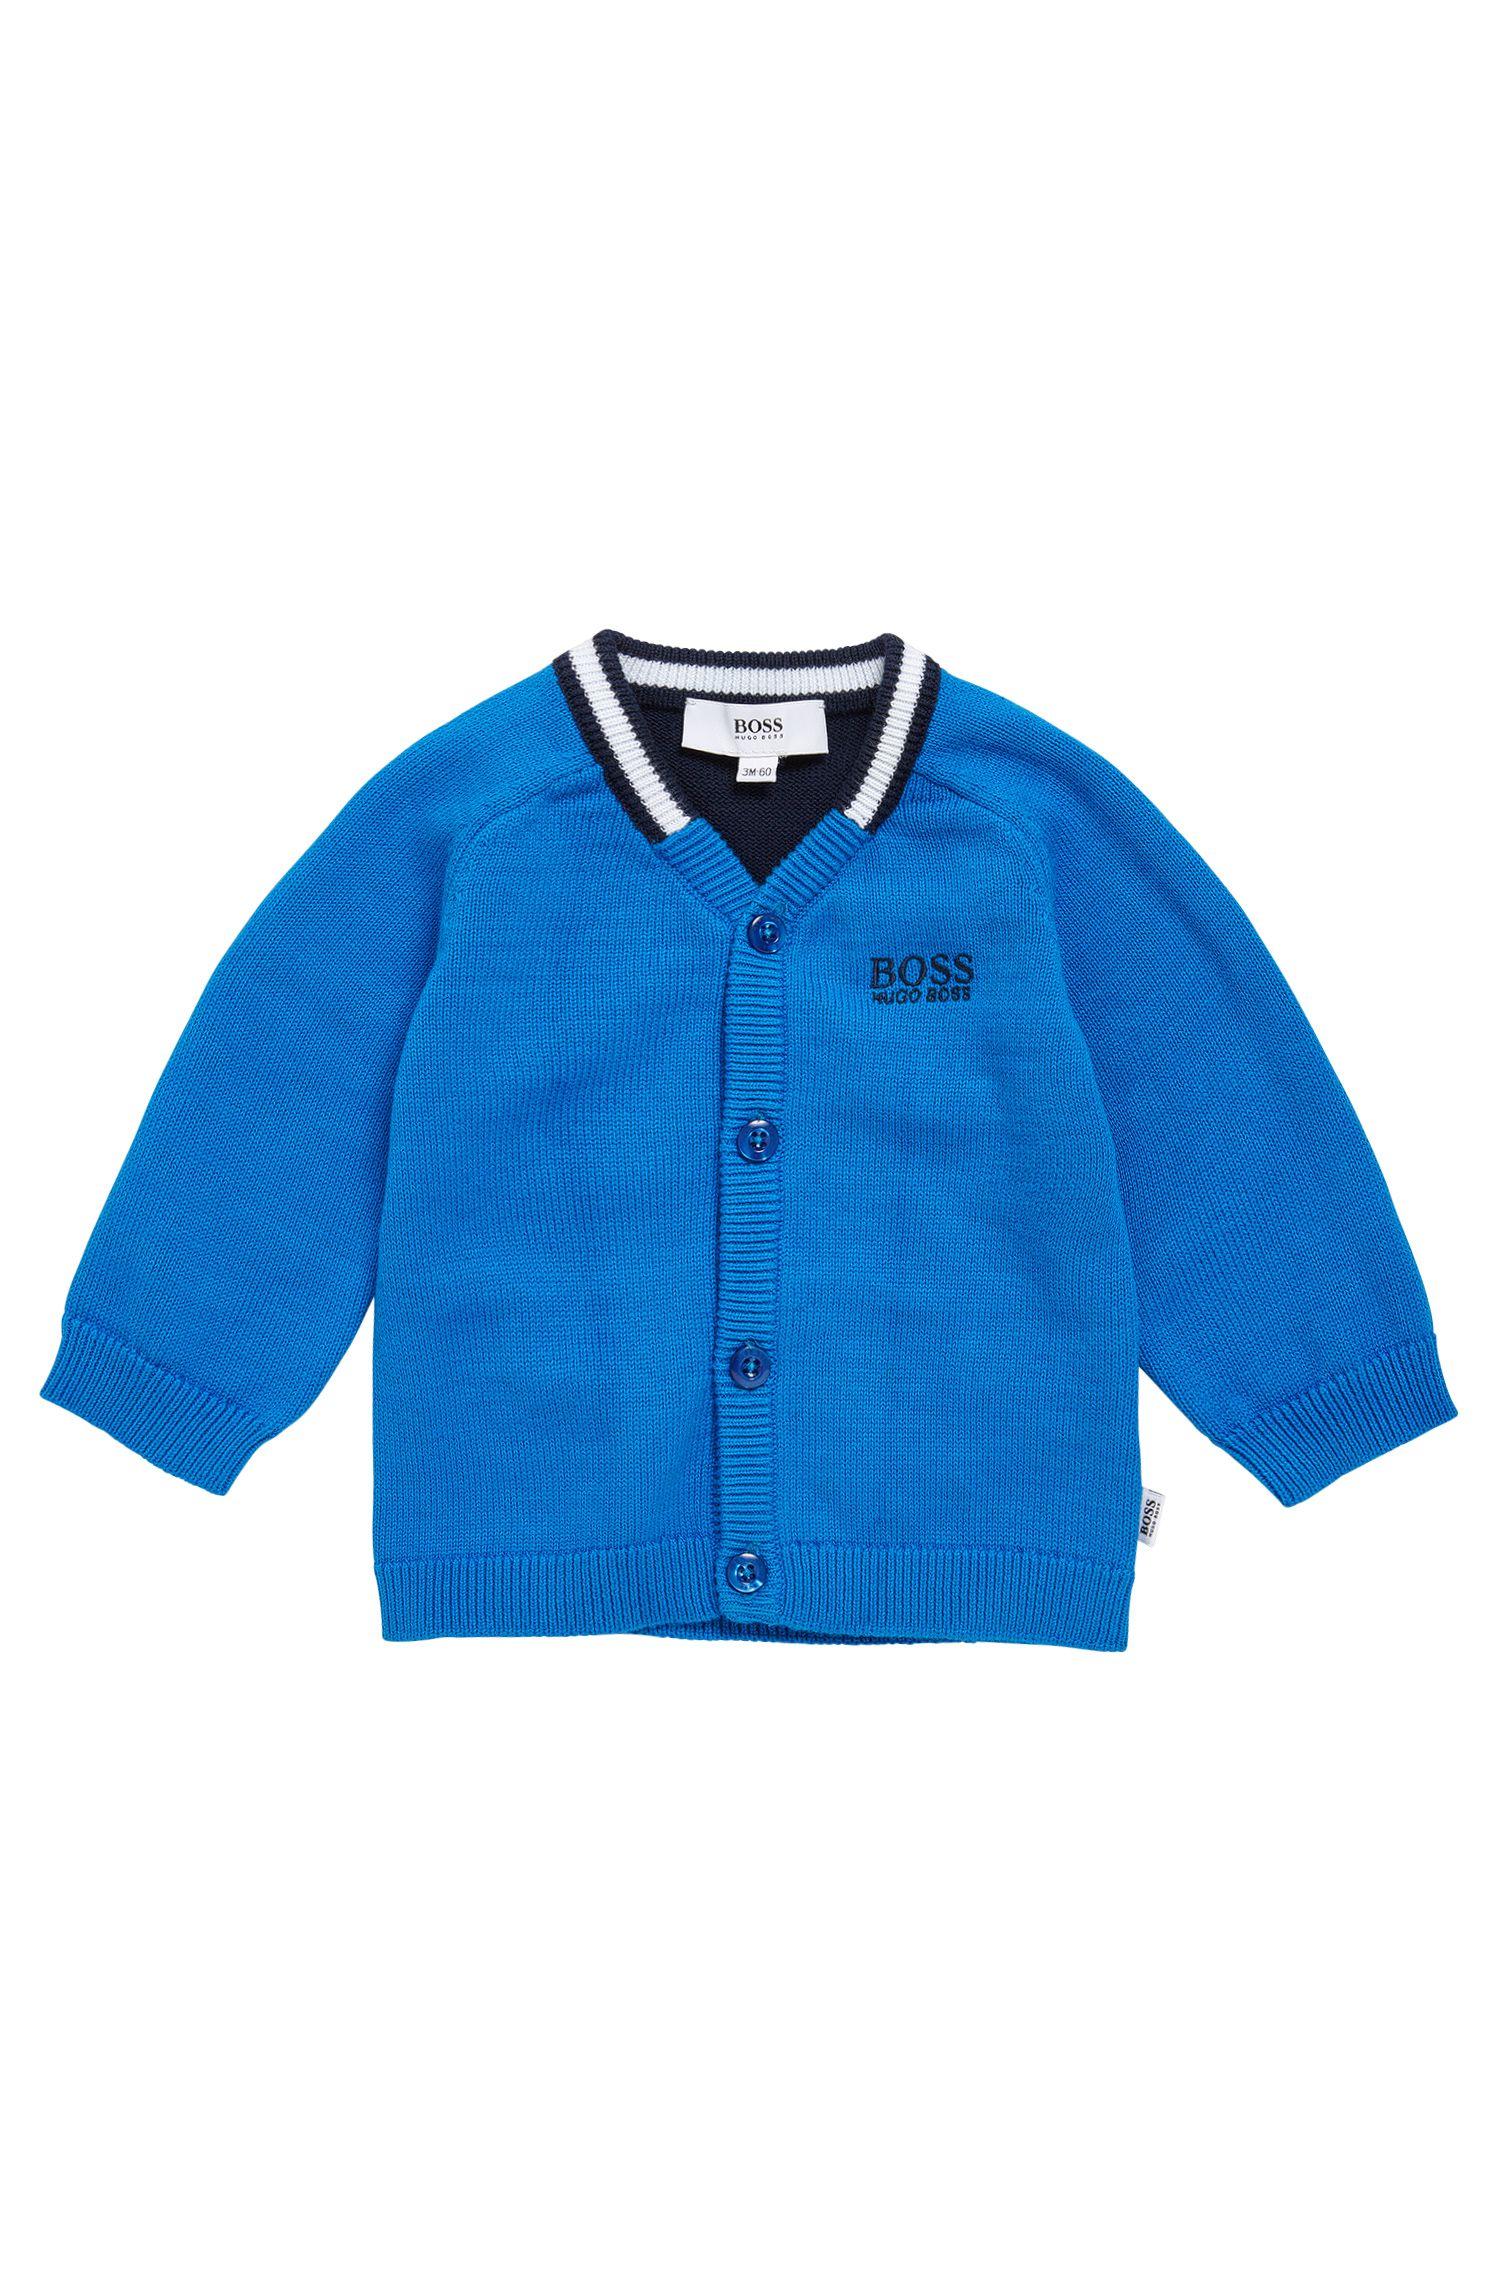 Baby-Strickjacke aus Baumwolle mit Raglan-Ärmeln: 'J06613'